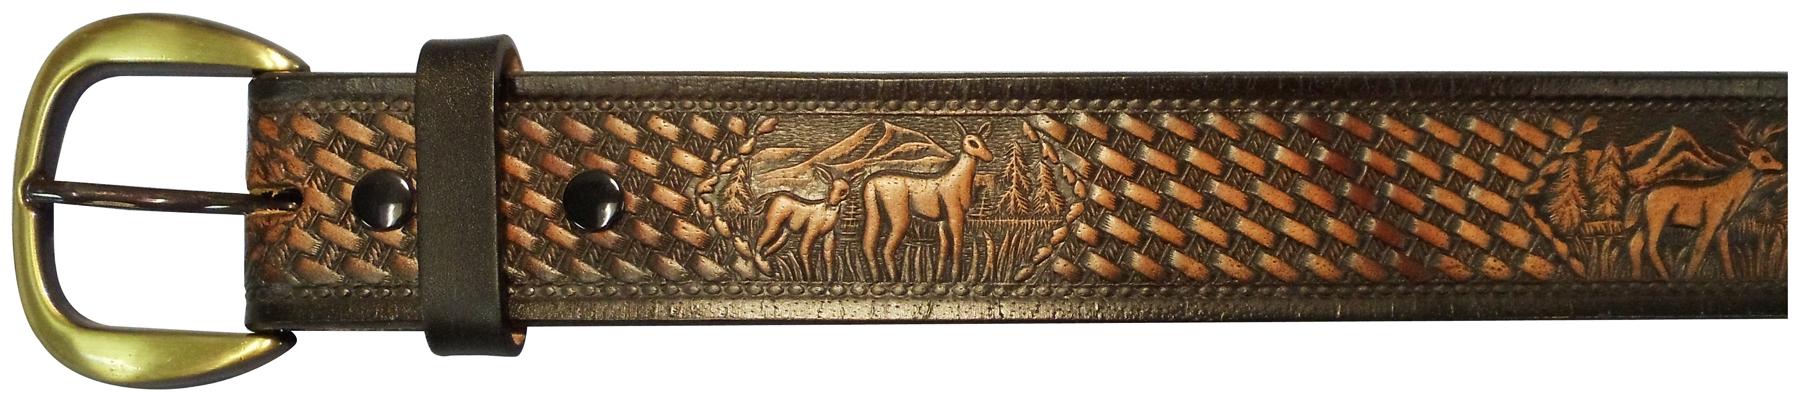 """10610160142 - 42"""" Black Leather Belt With Deer Design"""